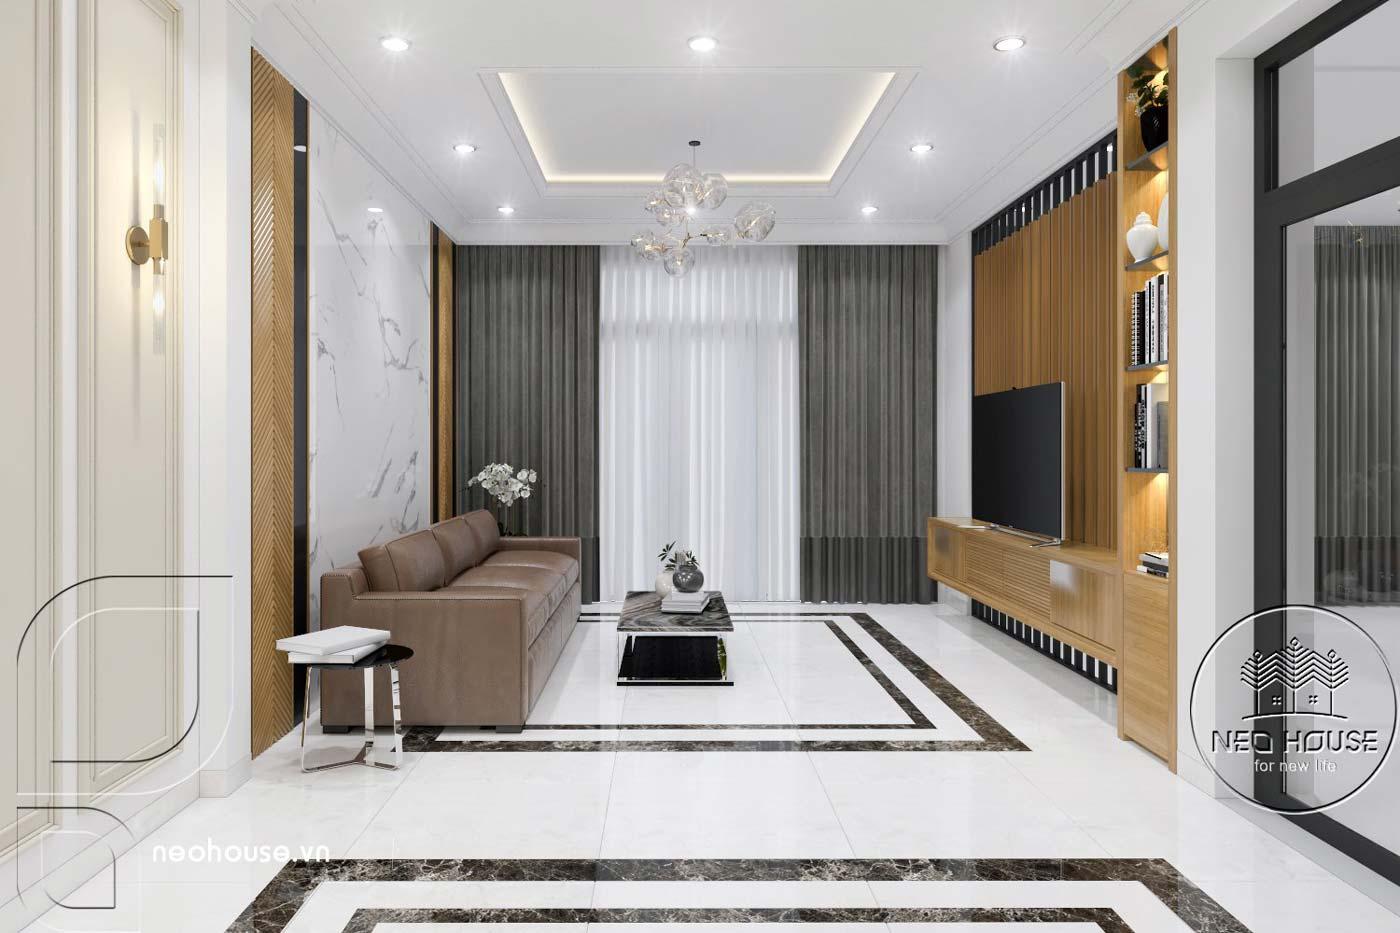 Thiết kế thi công cải tạo nhà phố 3 tầng với không gian nội thất phòng khách. Ảnh 2